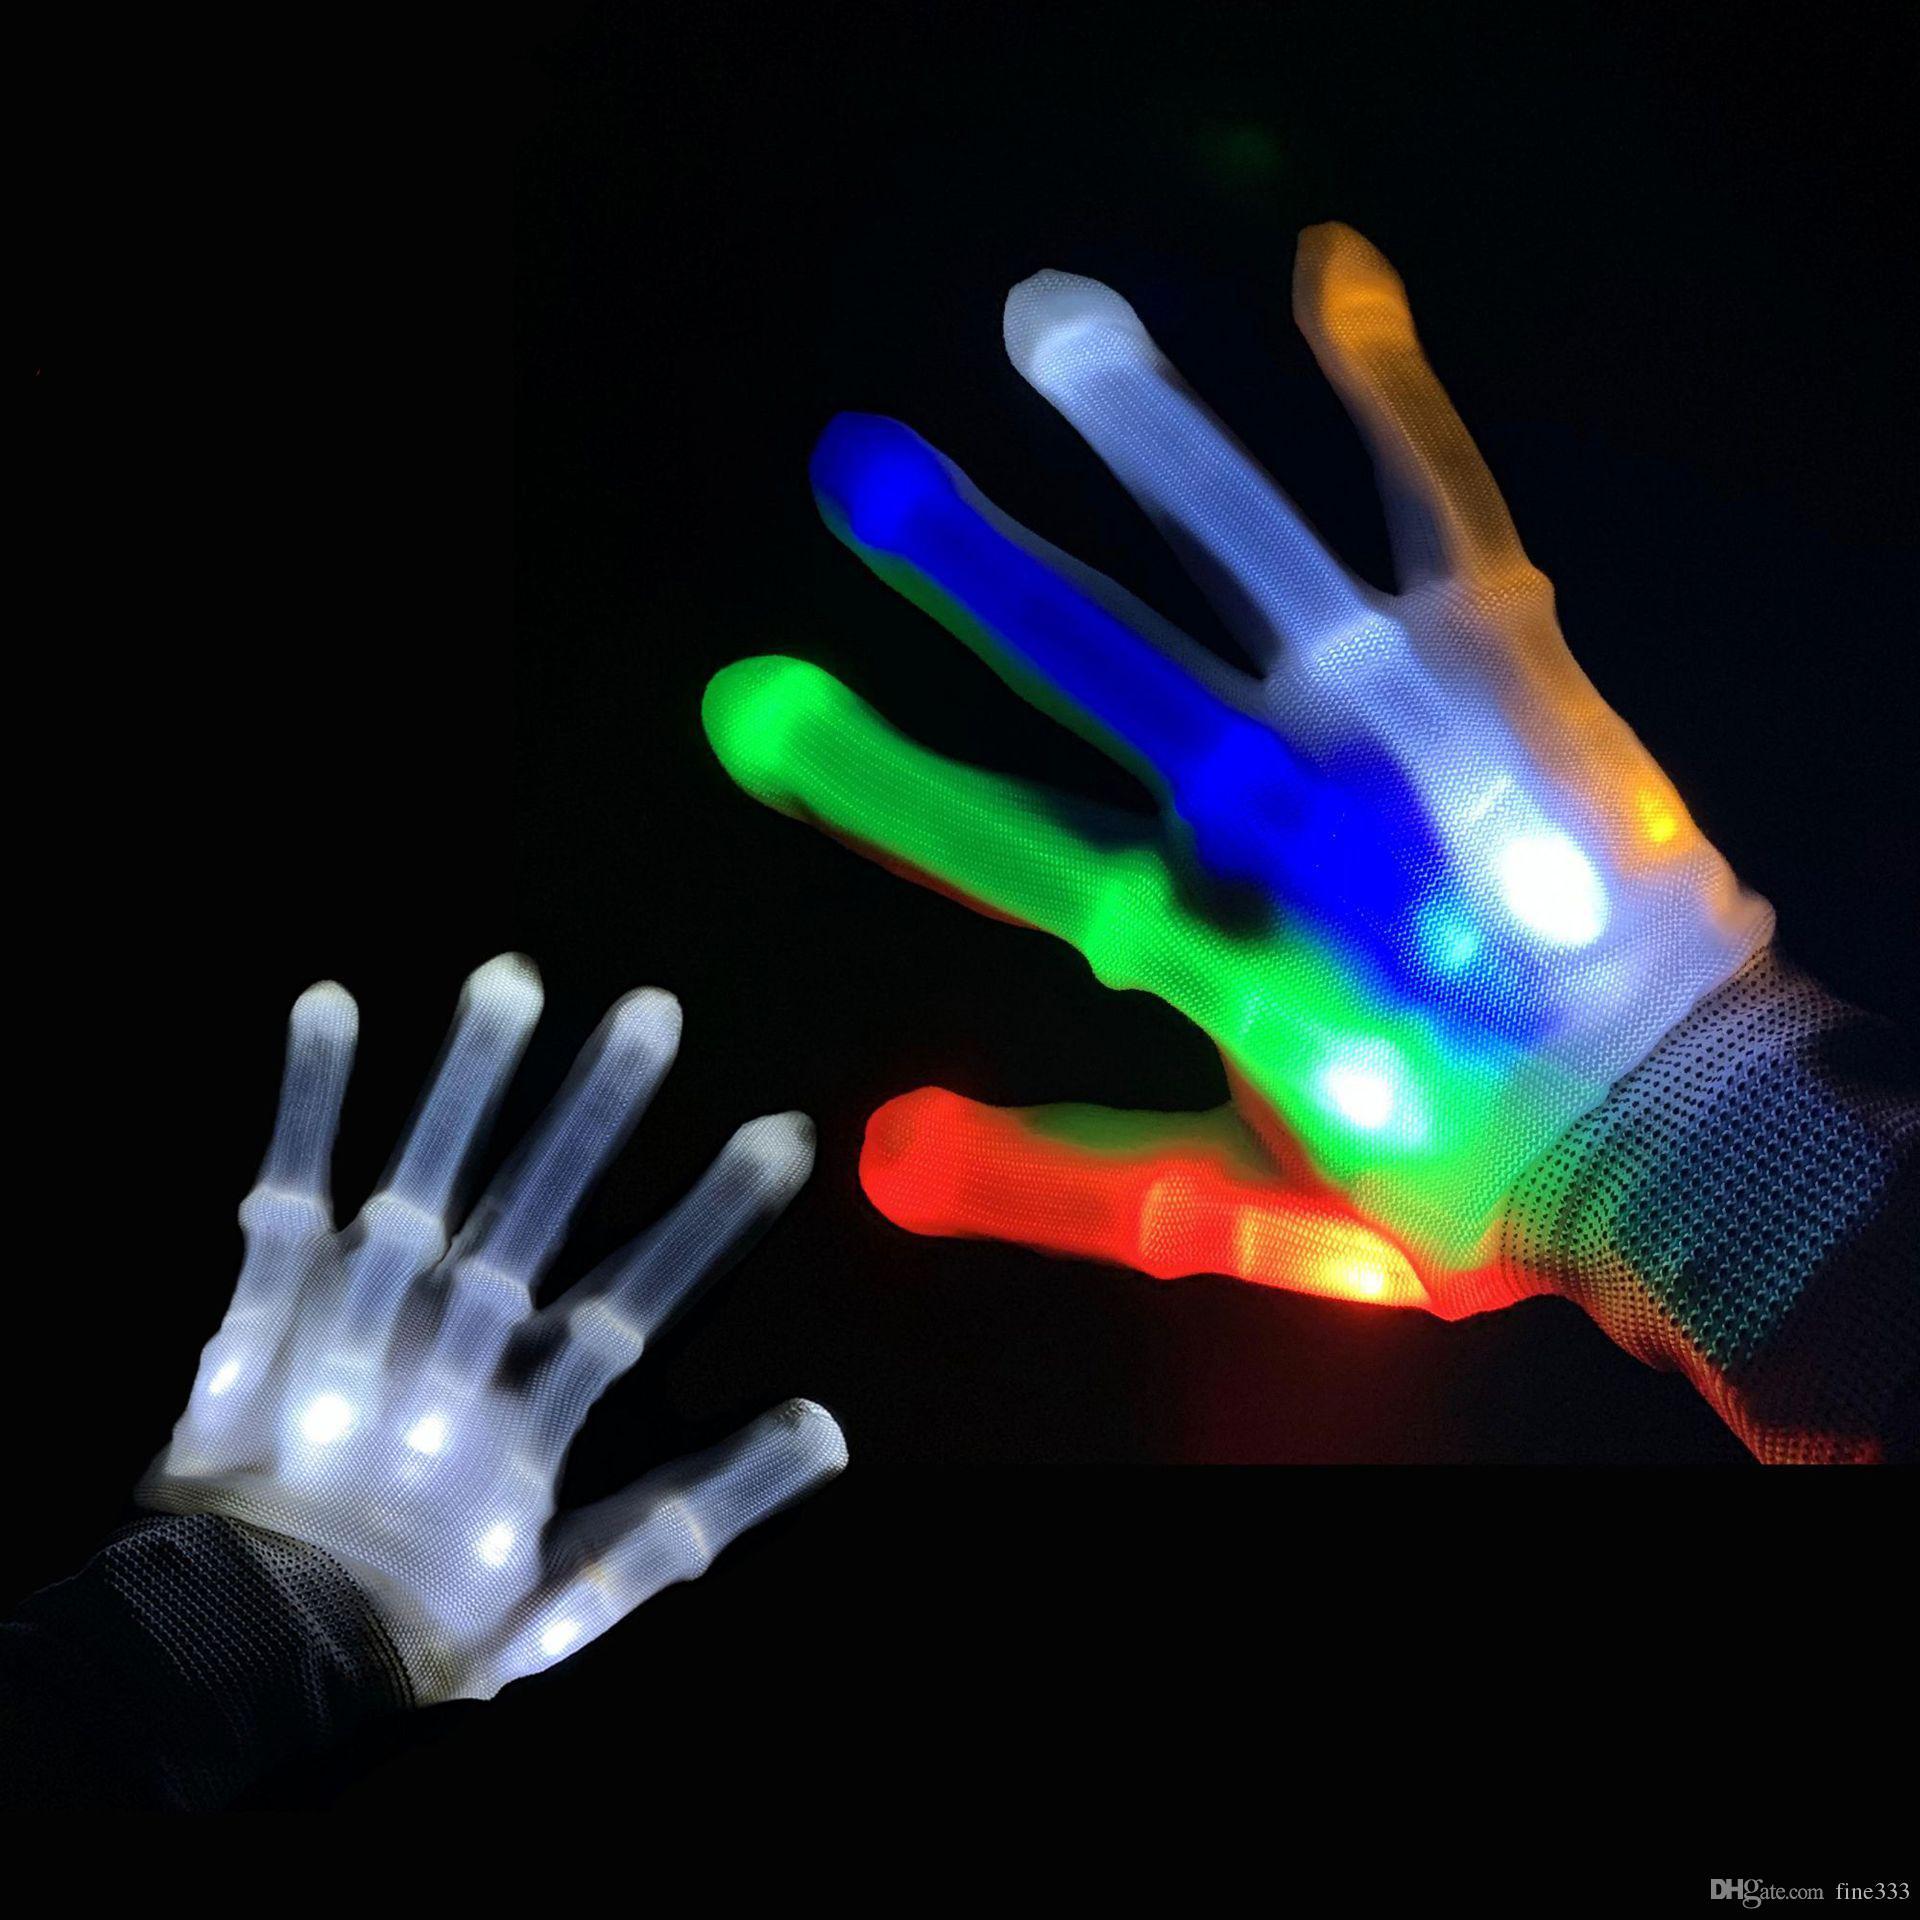 LED blinkt Handschuhe Glühen-Licht-Finger-Beleuchtung-Tanz-Party-Dekoration-Glühen Party Supplies Choreography Props Weihnachten